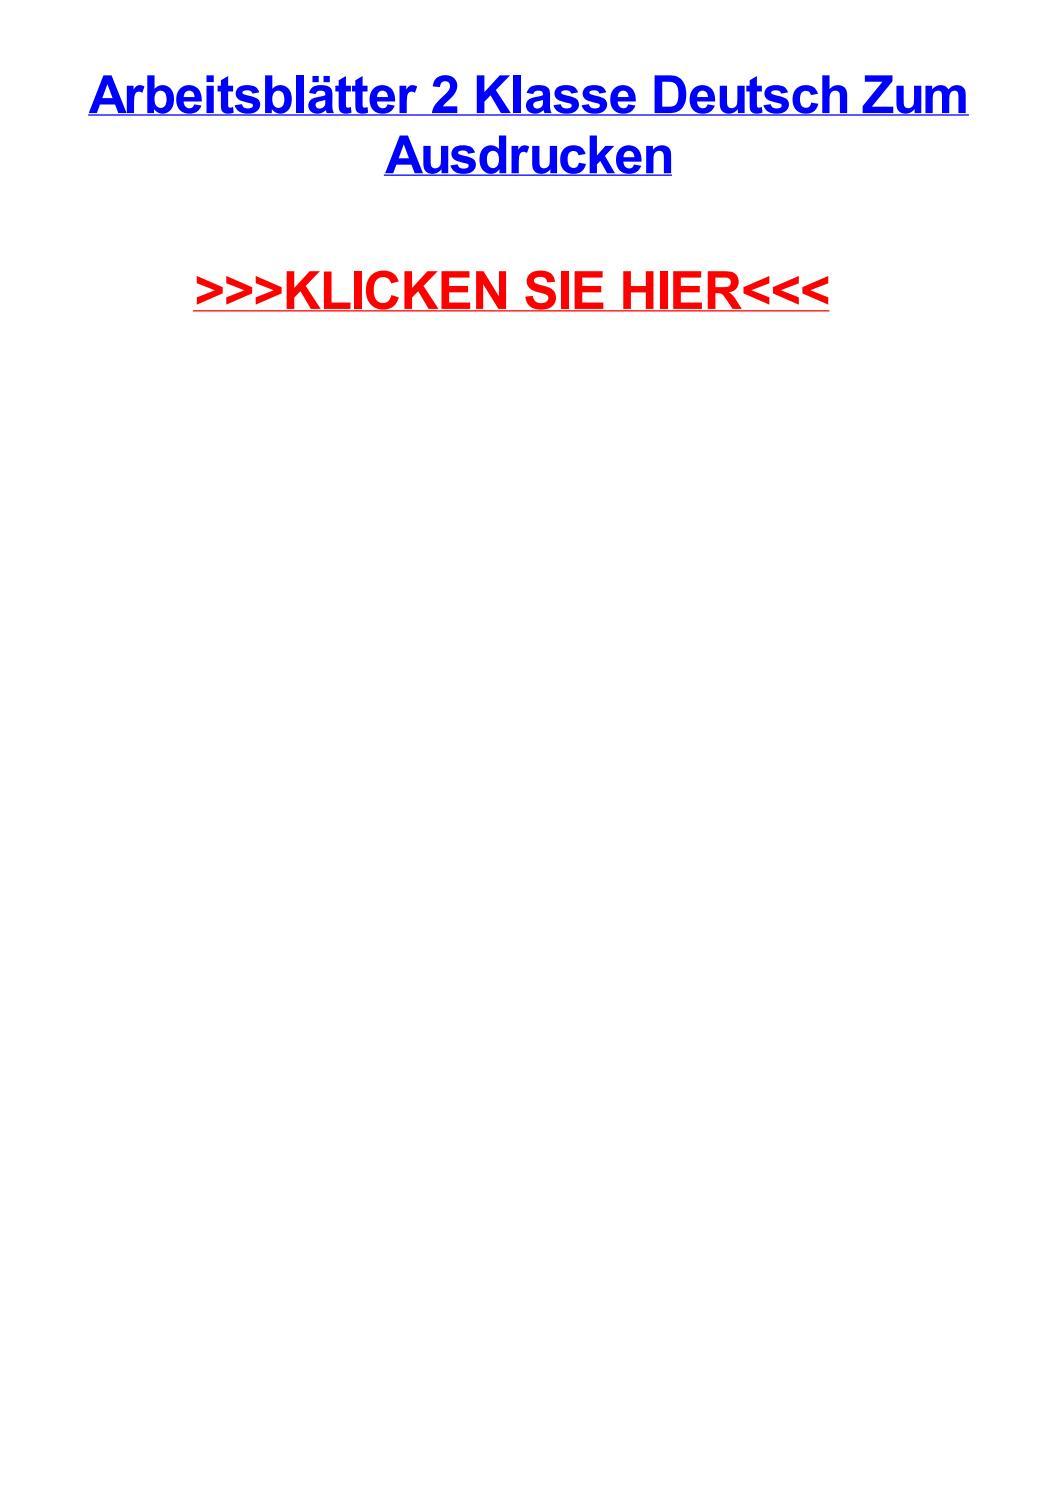 Arbeitsbltter 2 Klasse Deutsch Zum Ausdrucken By